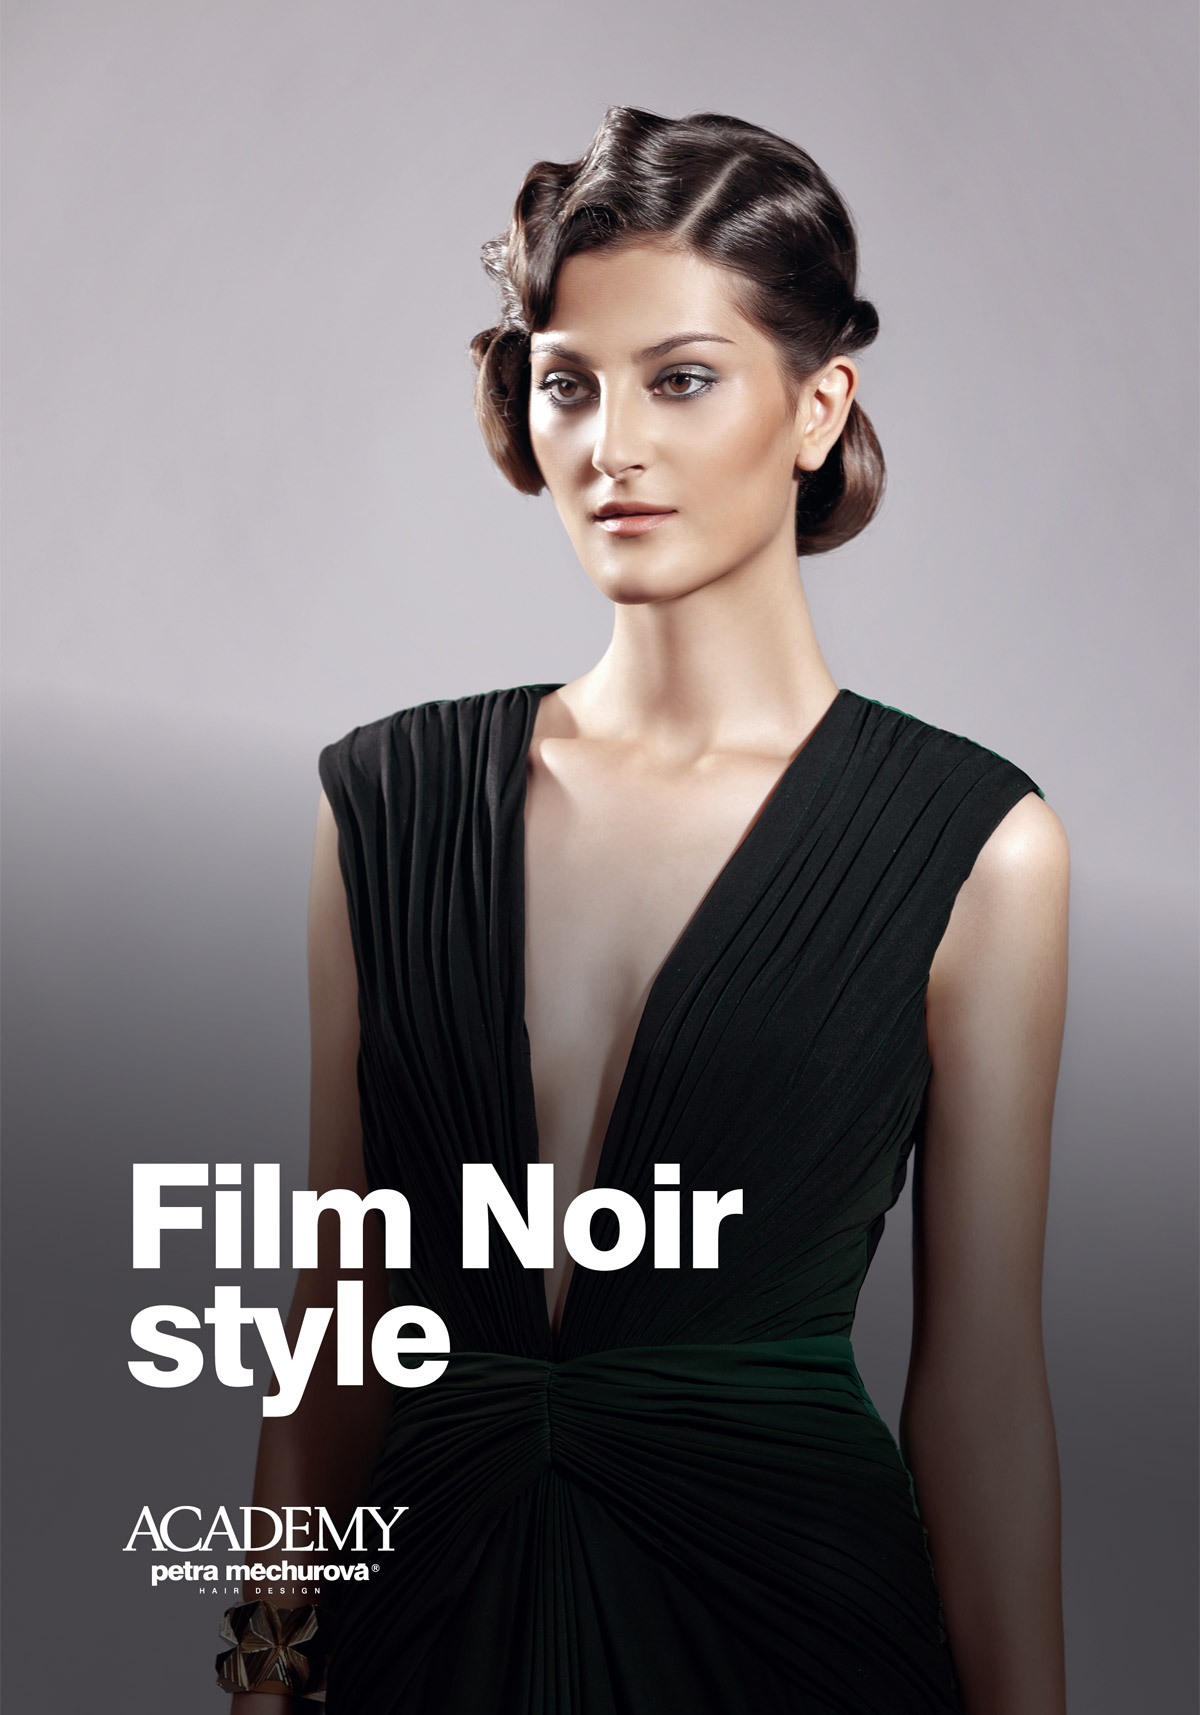 Slavnostní účes pro léto od Lenky Jakubové s názvem Film Noire style.